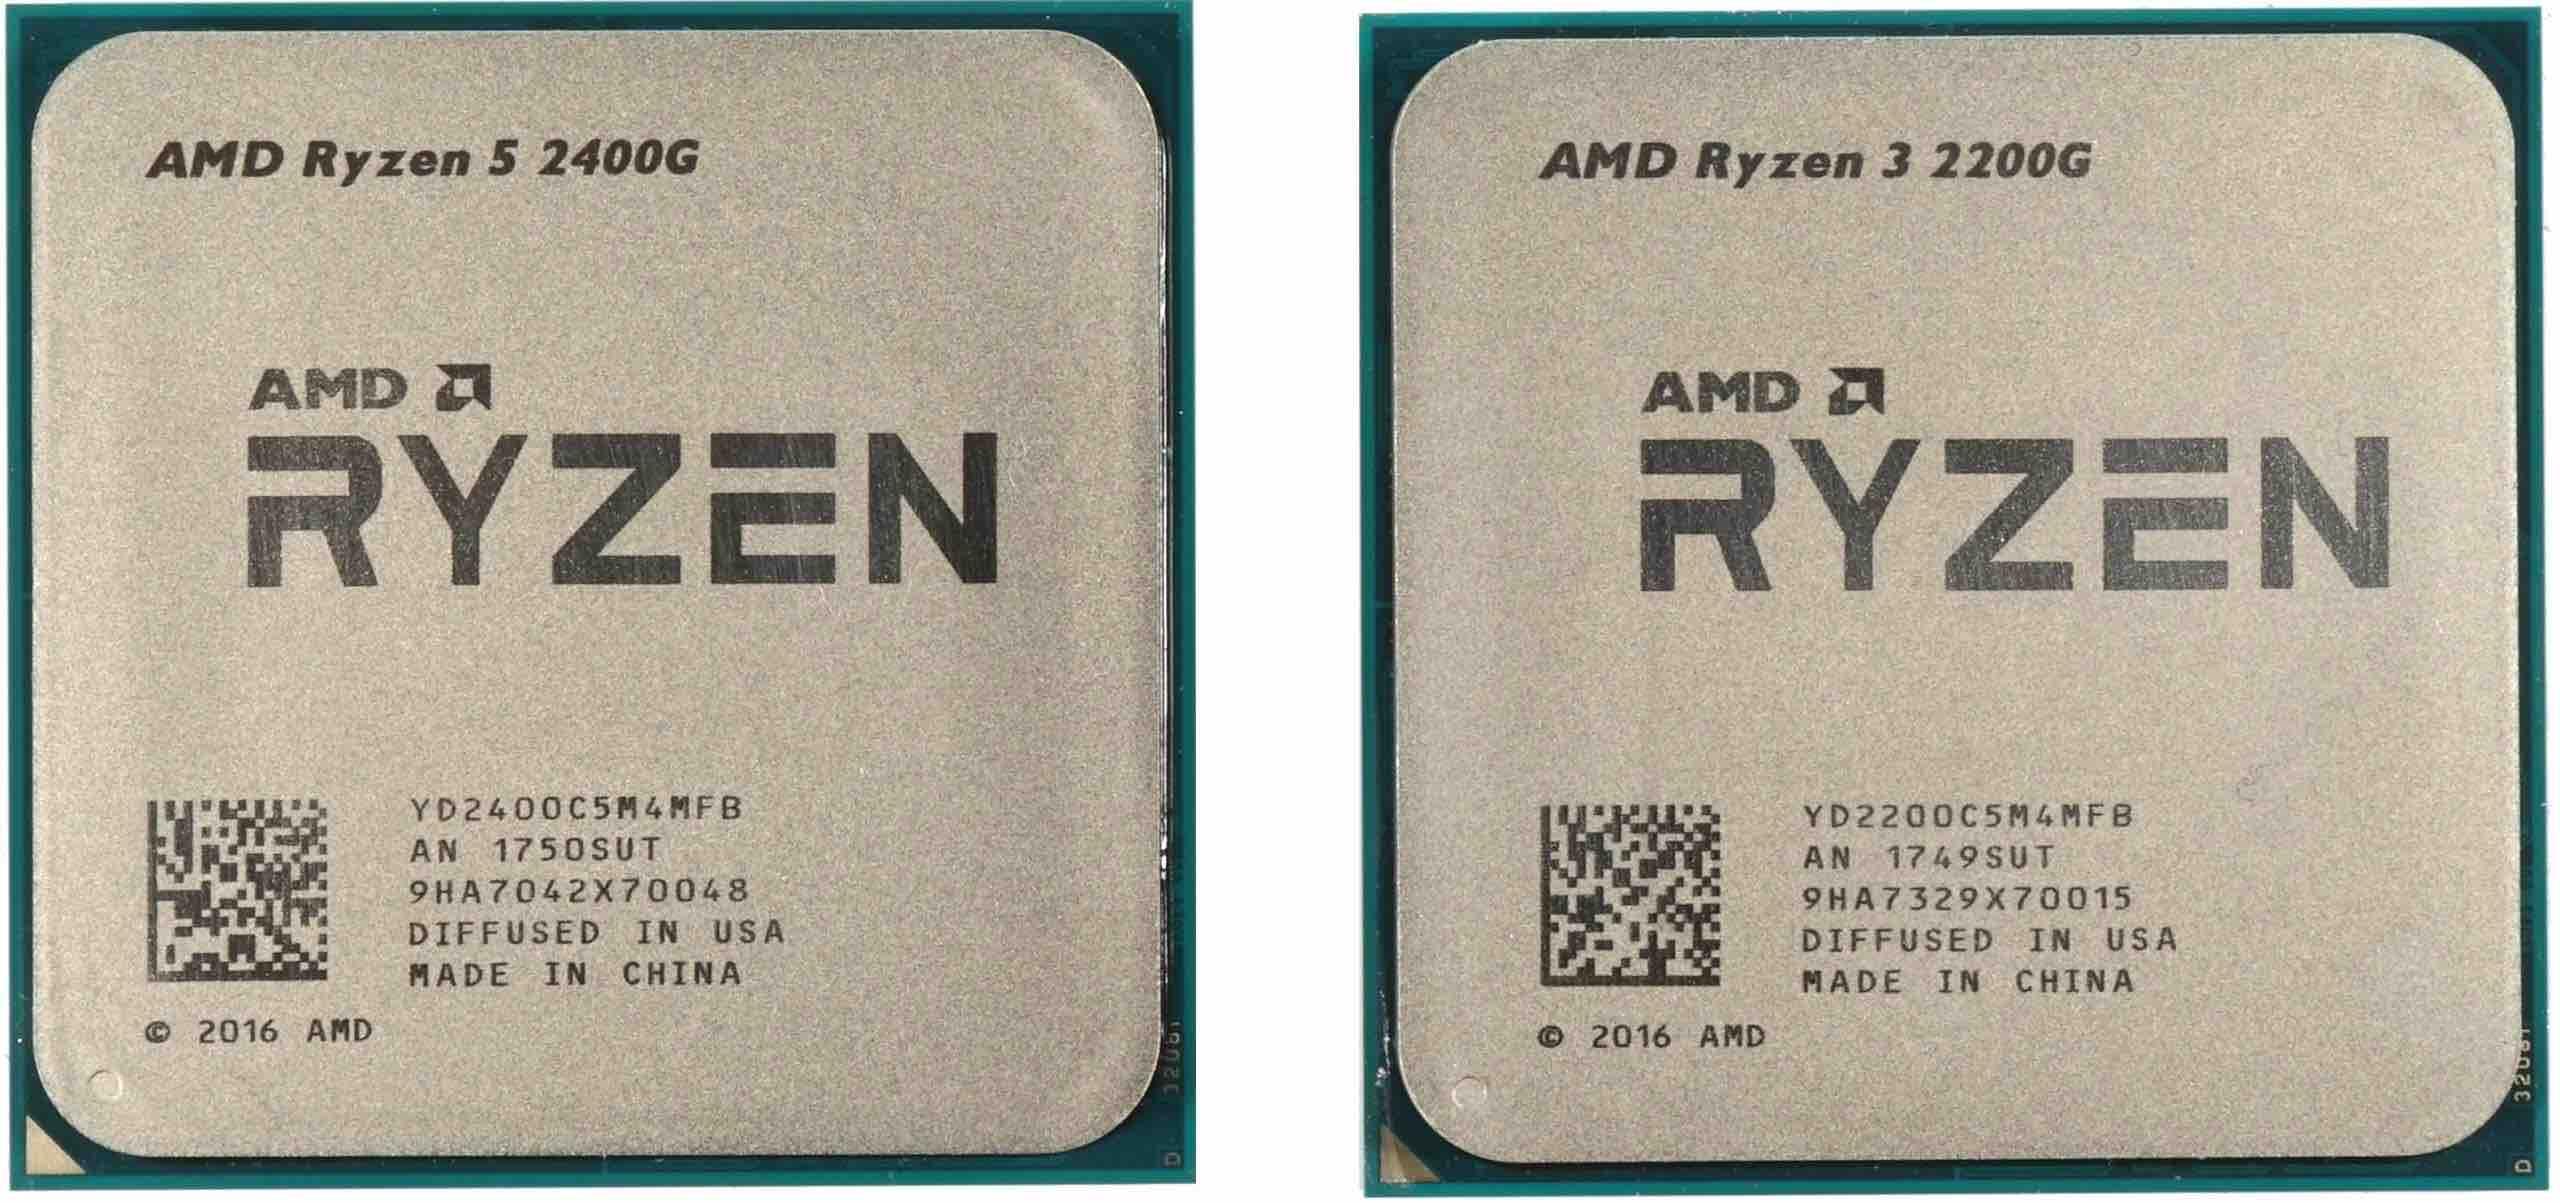 Ryzen 5 2400G & Ryzen 3 2200G